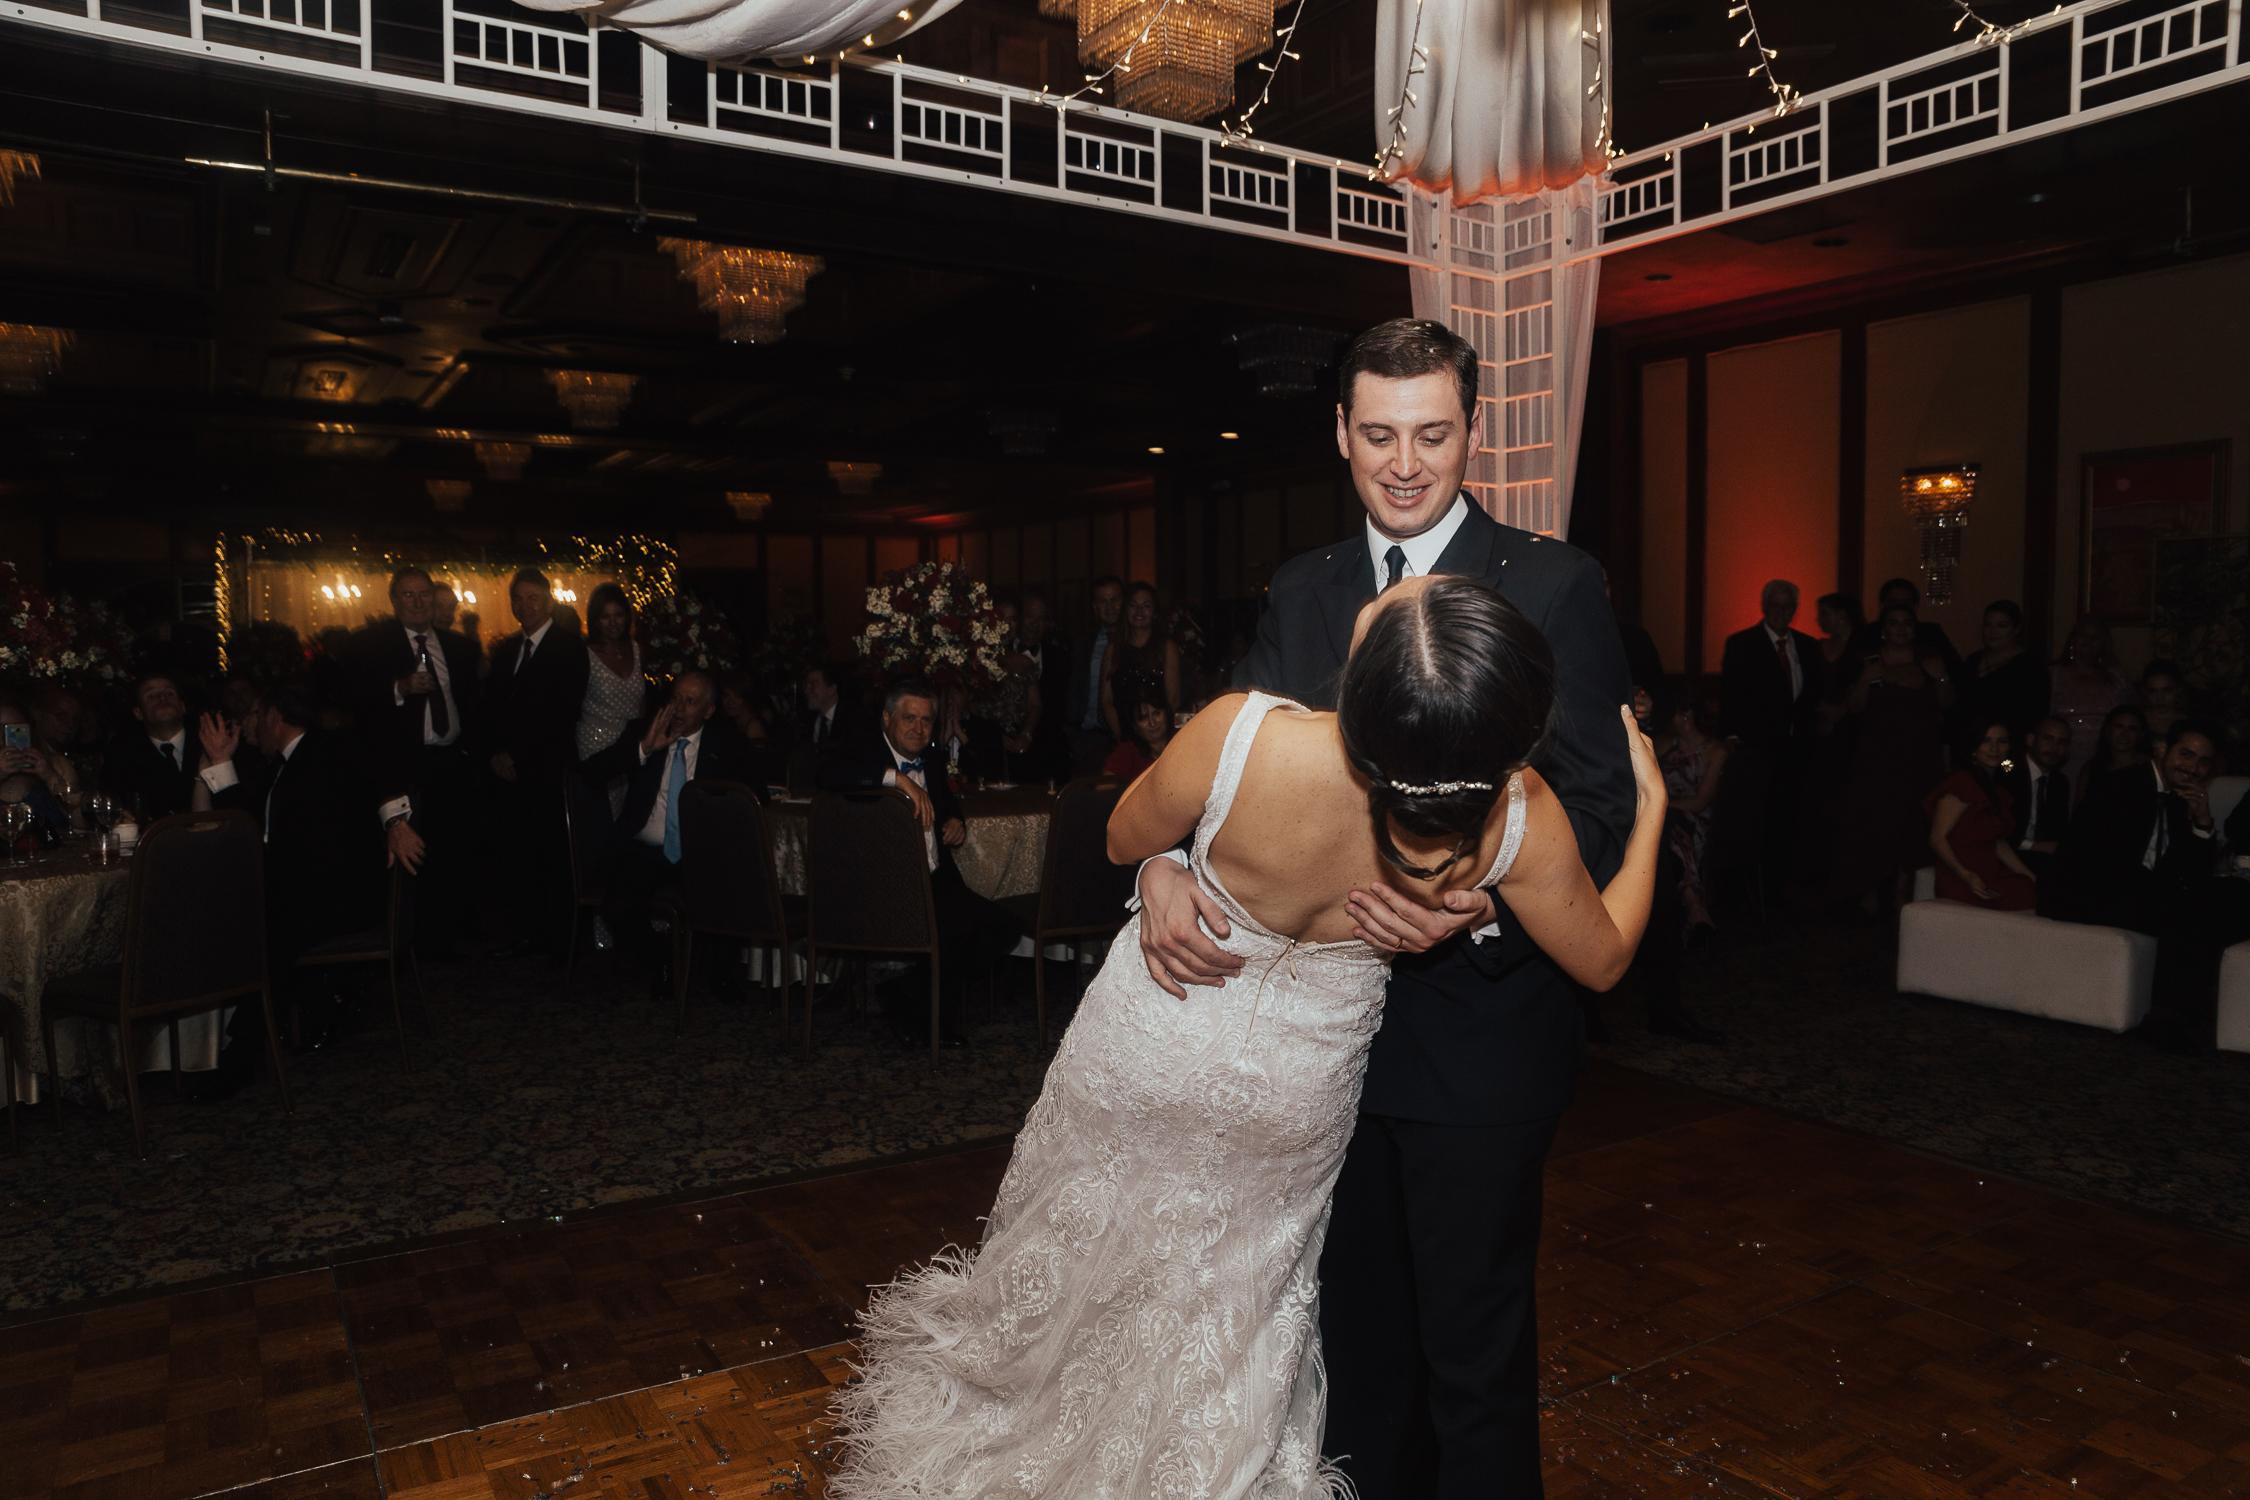 Michelle-Agurto-Fotografia-Bodas-Ecuador-Destination-Wedding-Photographer-Ecuador-Mercedes-Alvaro-177.JPG